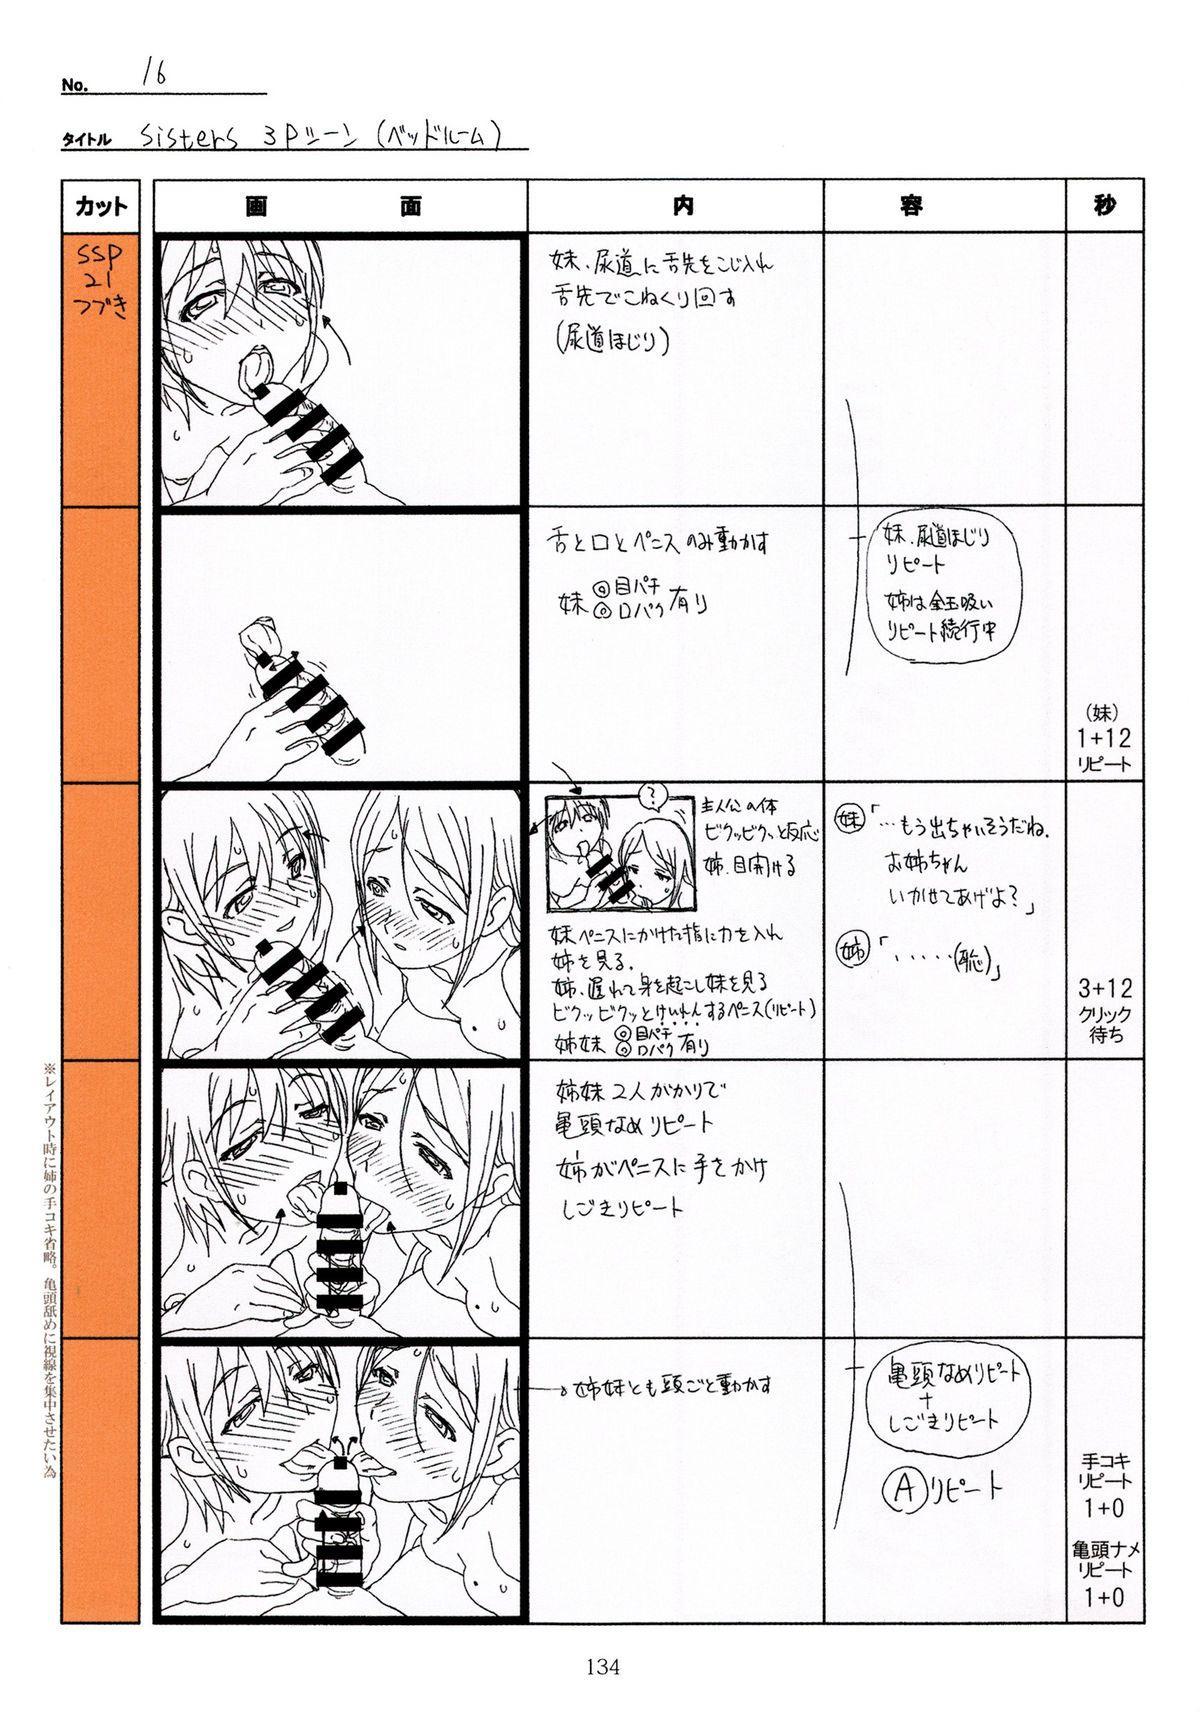 (C89) [Makino Jimusho (Taki Minashika)] SISTERS -Natsu no Saigo no Hi- H Scene All Part Storyboard (SISTERS -Natsu no Saigo no Hi-) 133